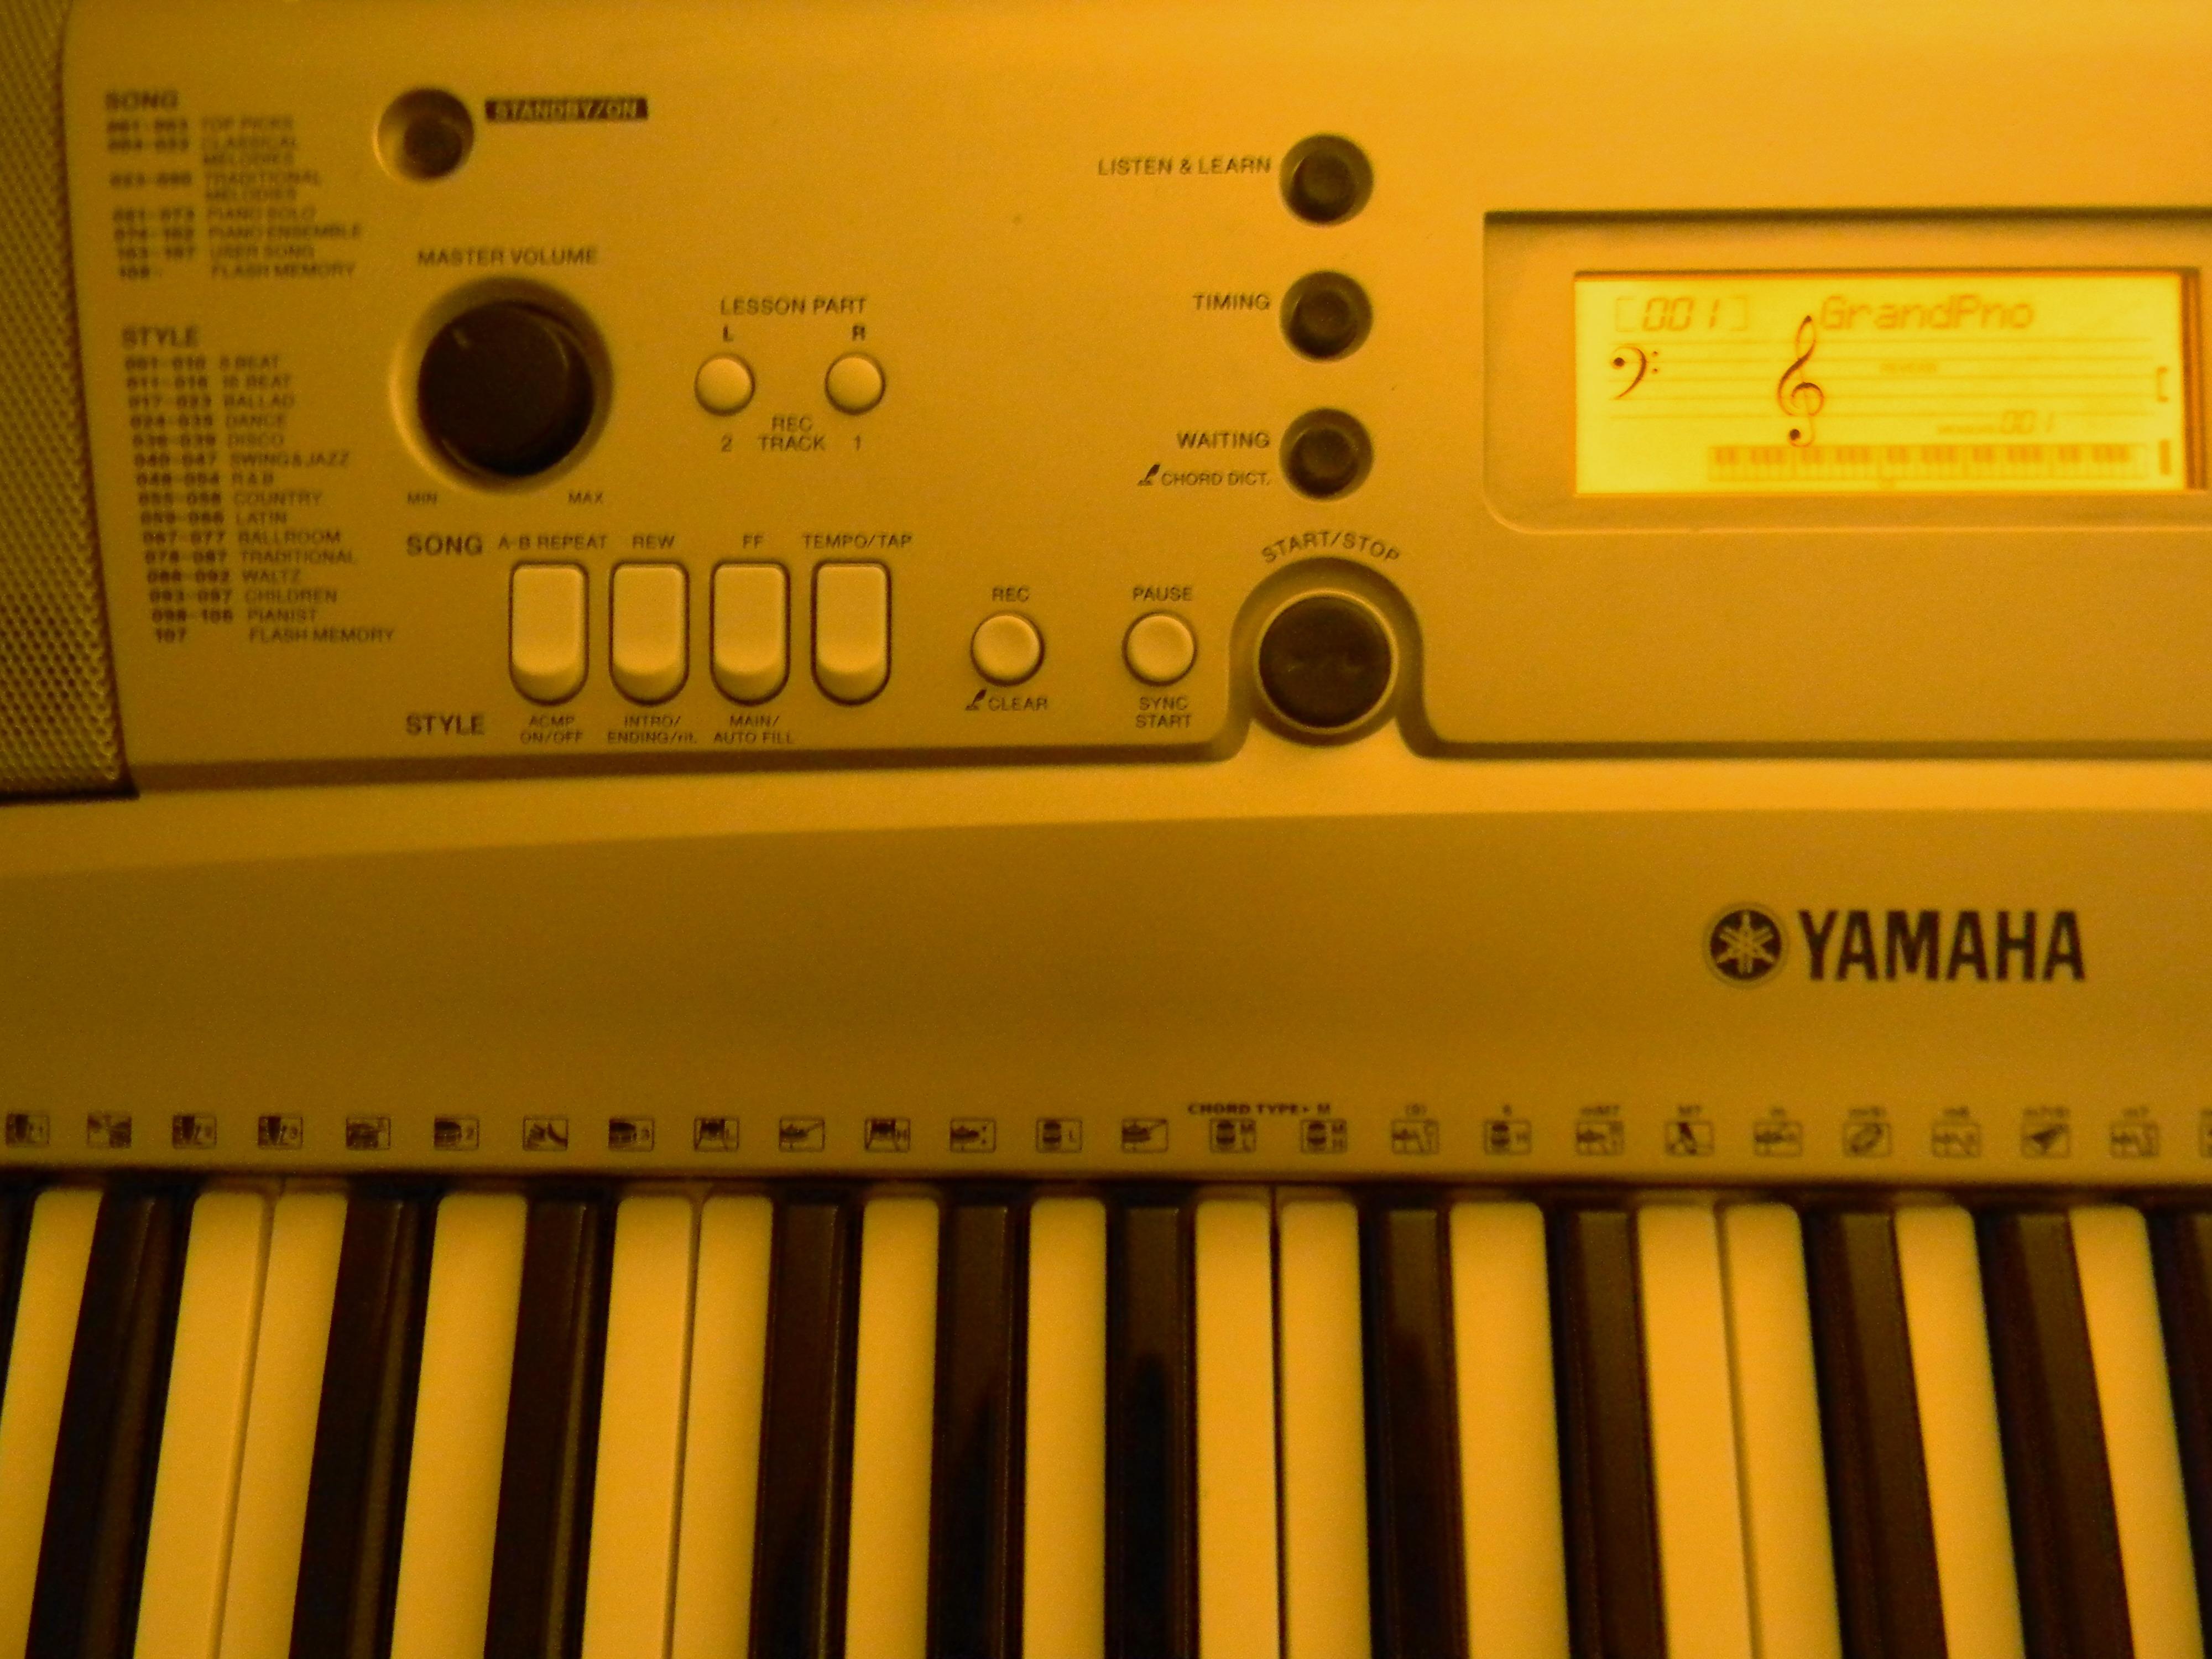 yamaha psr e303 manual sample user manual u2022 rh huelladakarbolivia com Ritmos Para Teclados Yamaha Sintetizador Yamaha